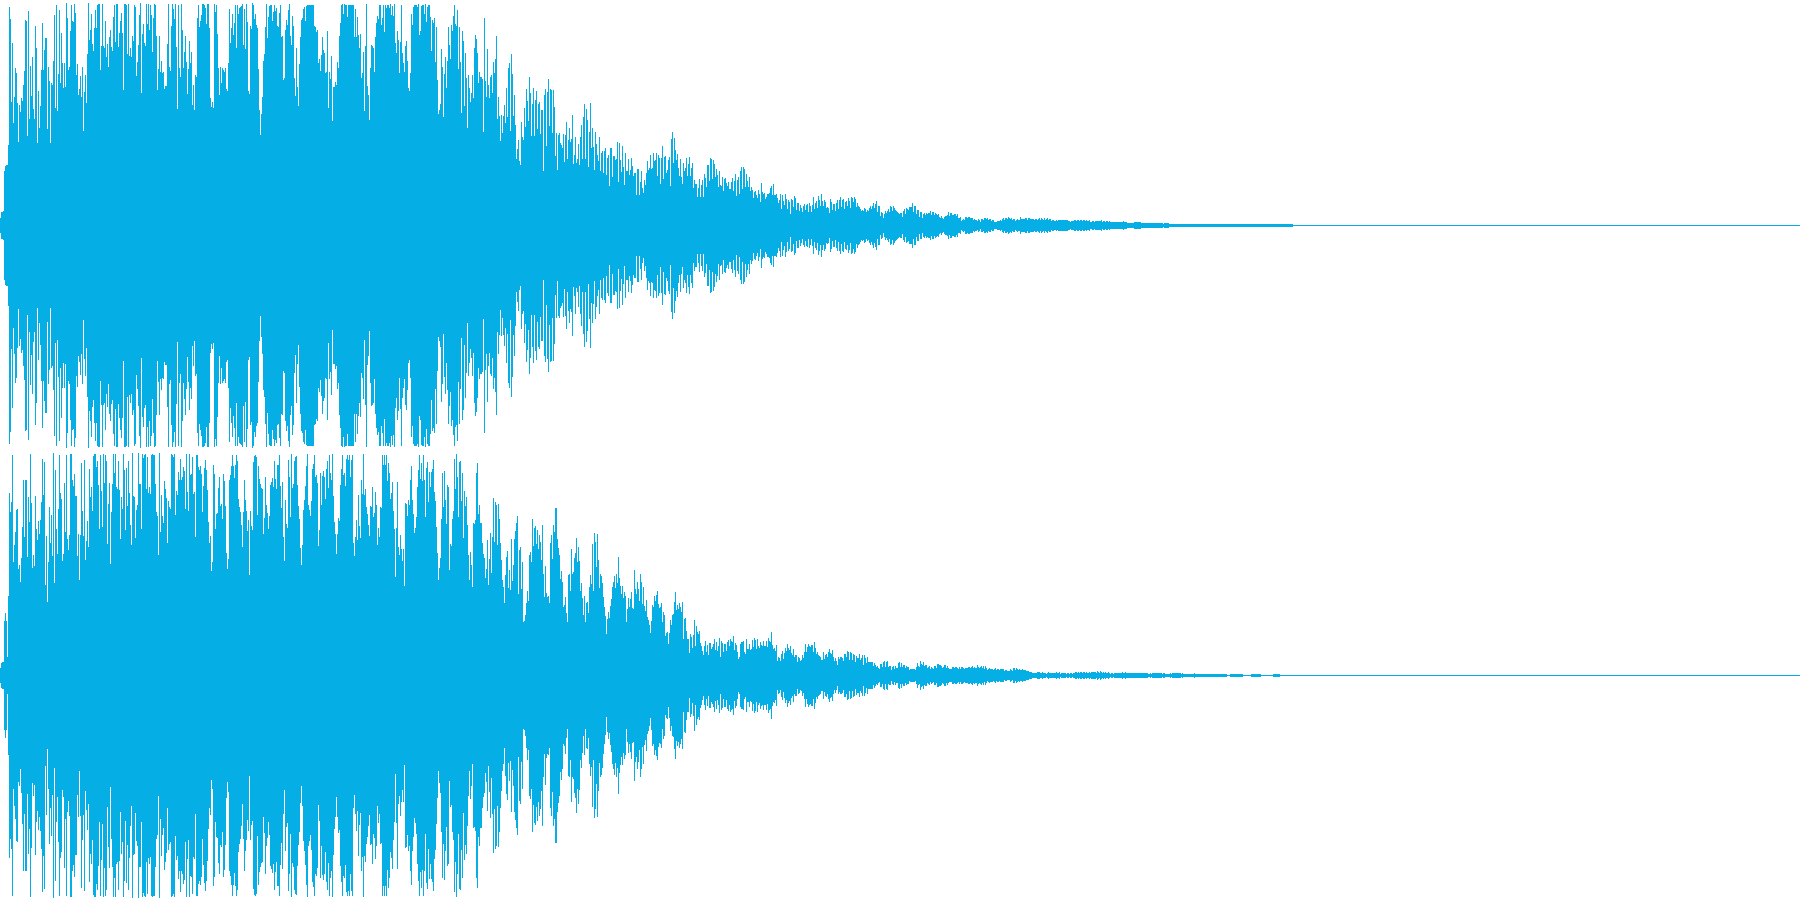 キュイン ギュイーン シャキーン 08の再生済みの波形